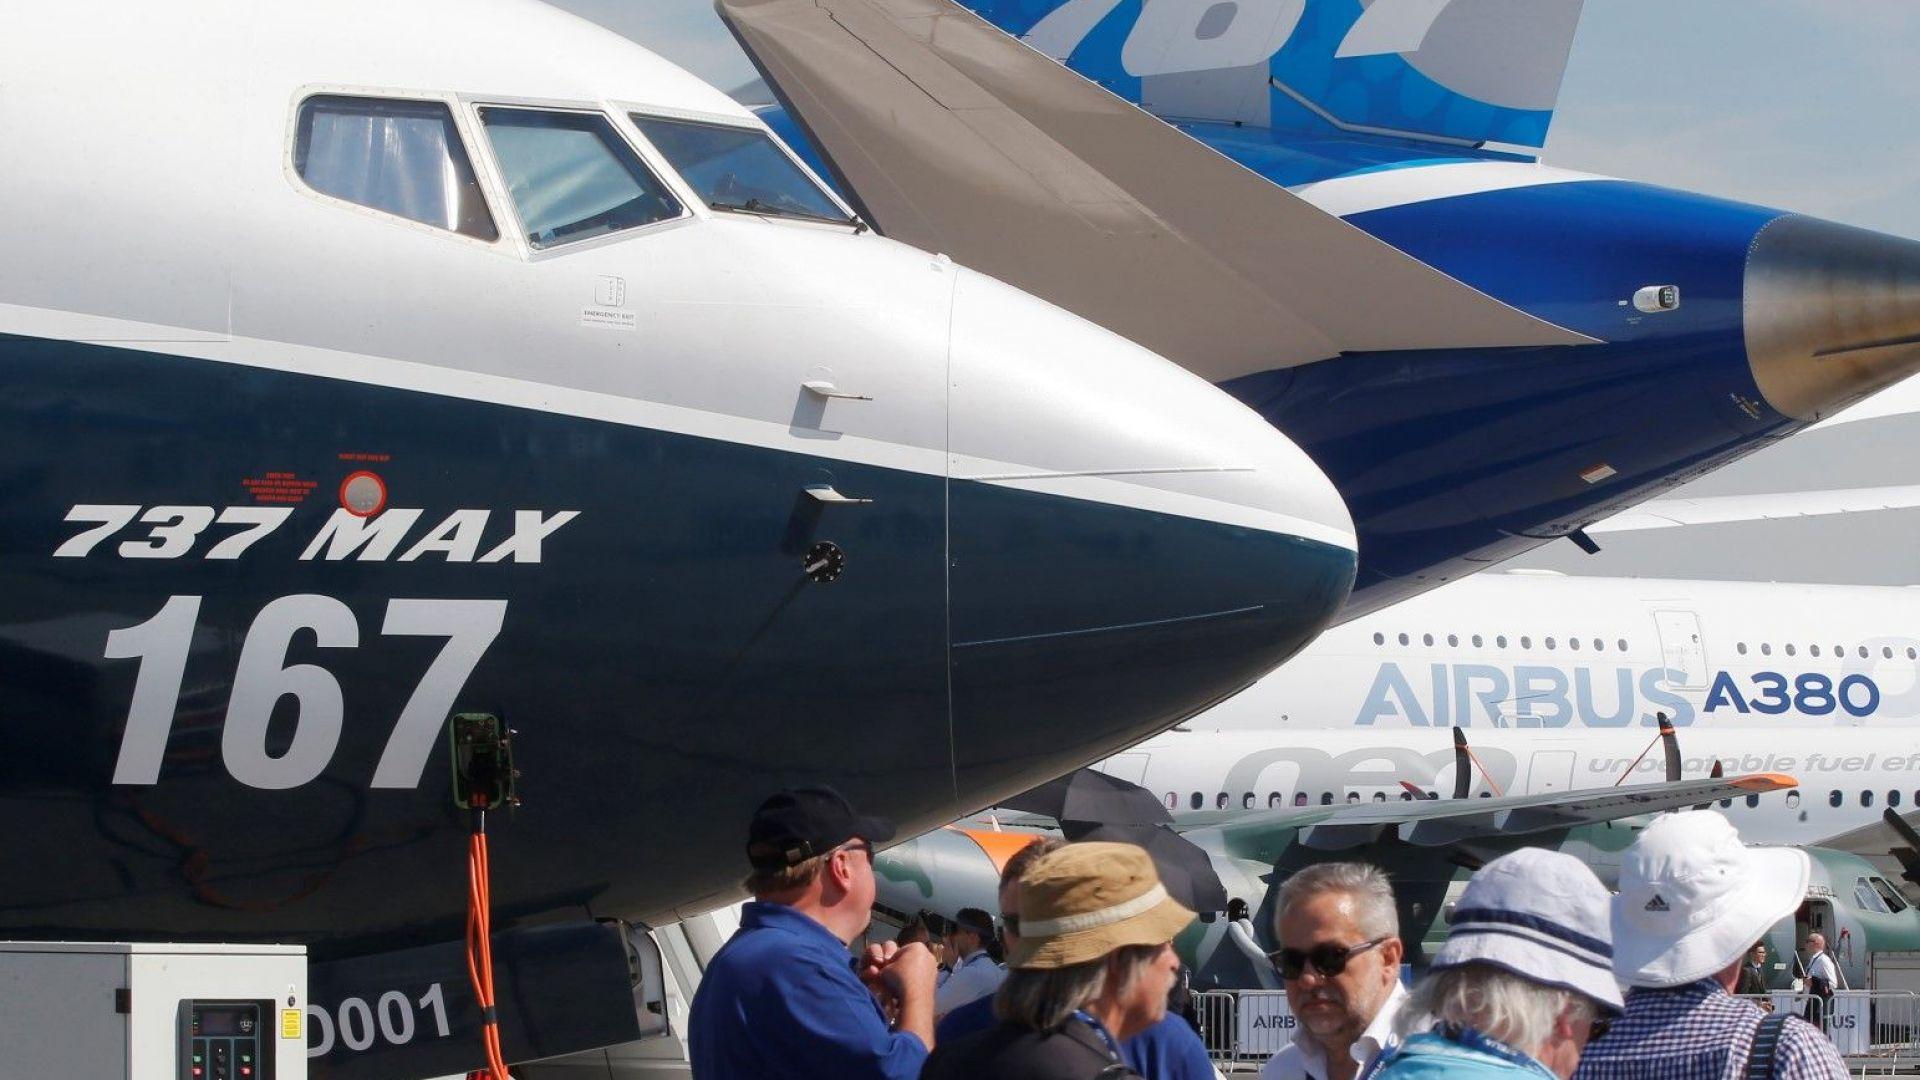 Юнайтед еърлайнс отложи възобновяването на полетите с Боинг 737 МАКС